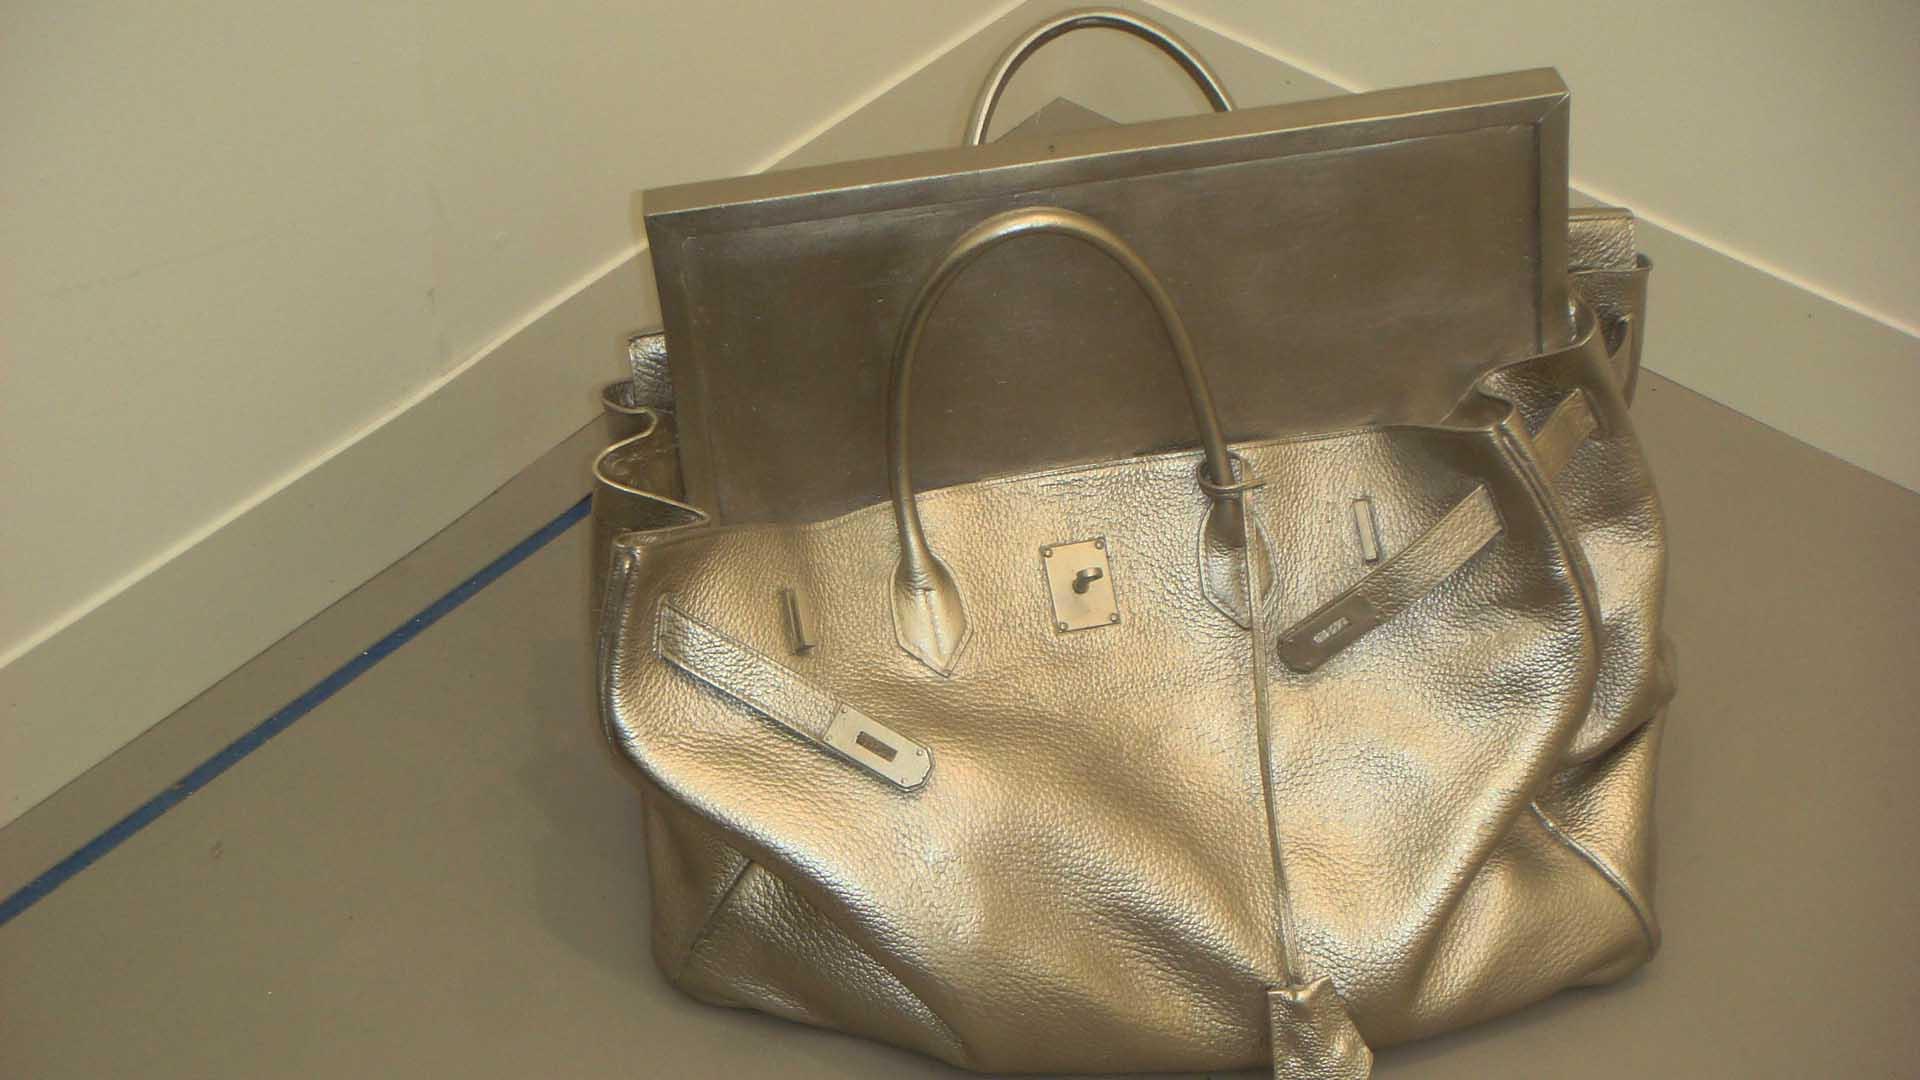 Silver bag (London)